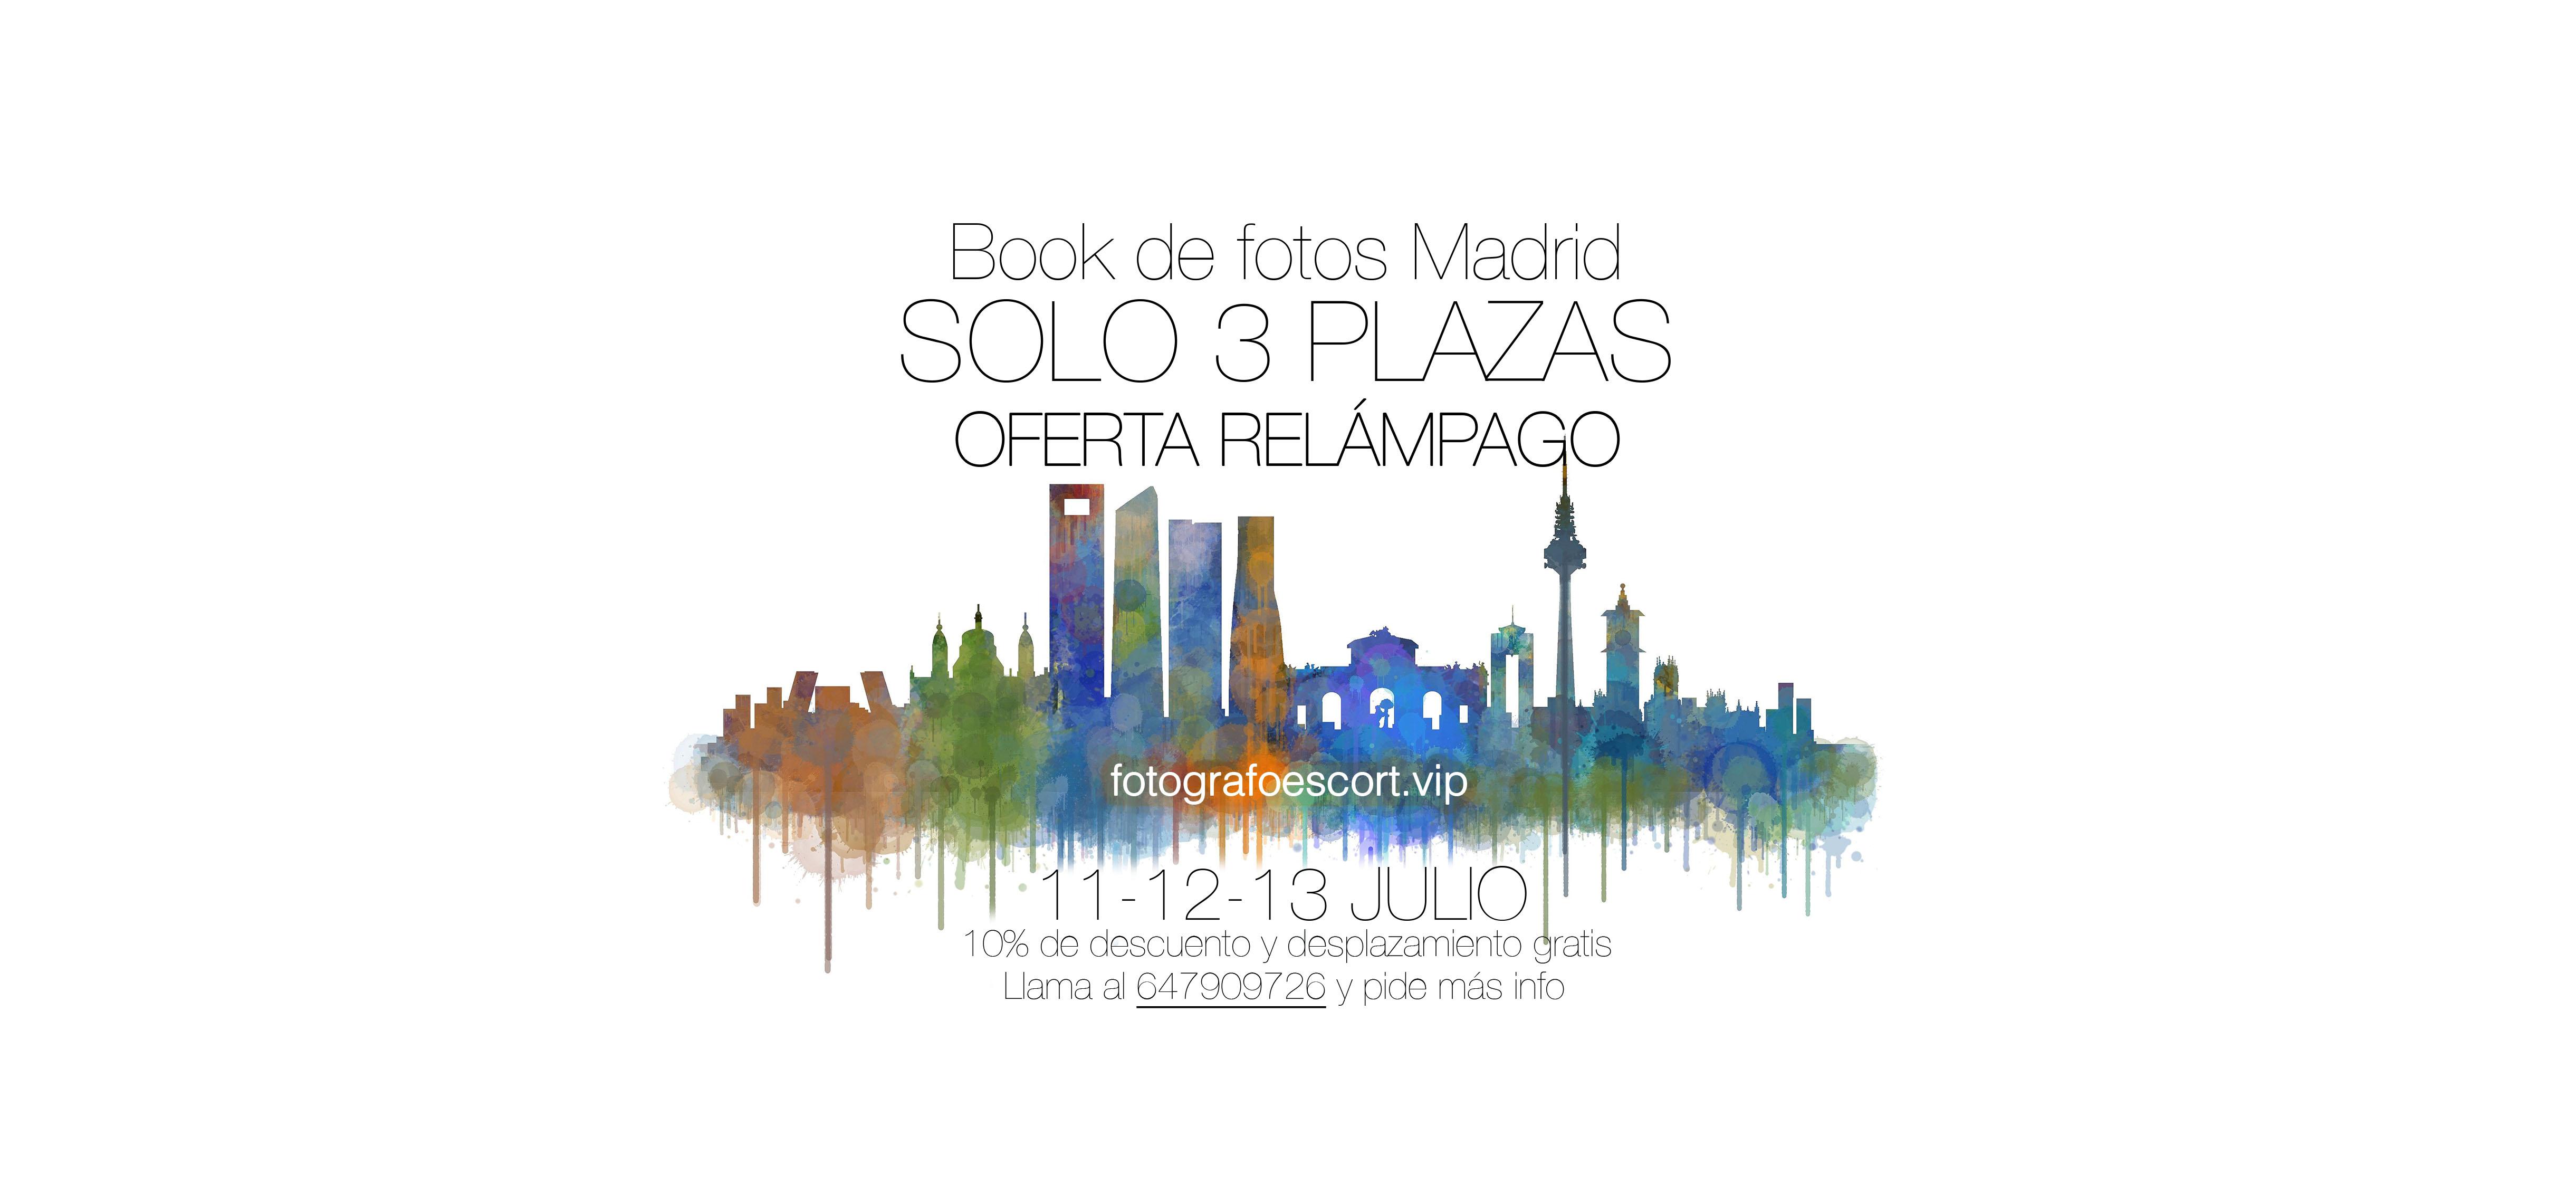 Fotógrafos eróticos para escorts en Madrid - Descuento sesion fotos escort madrid 001